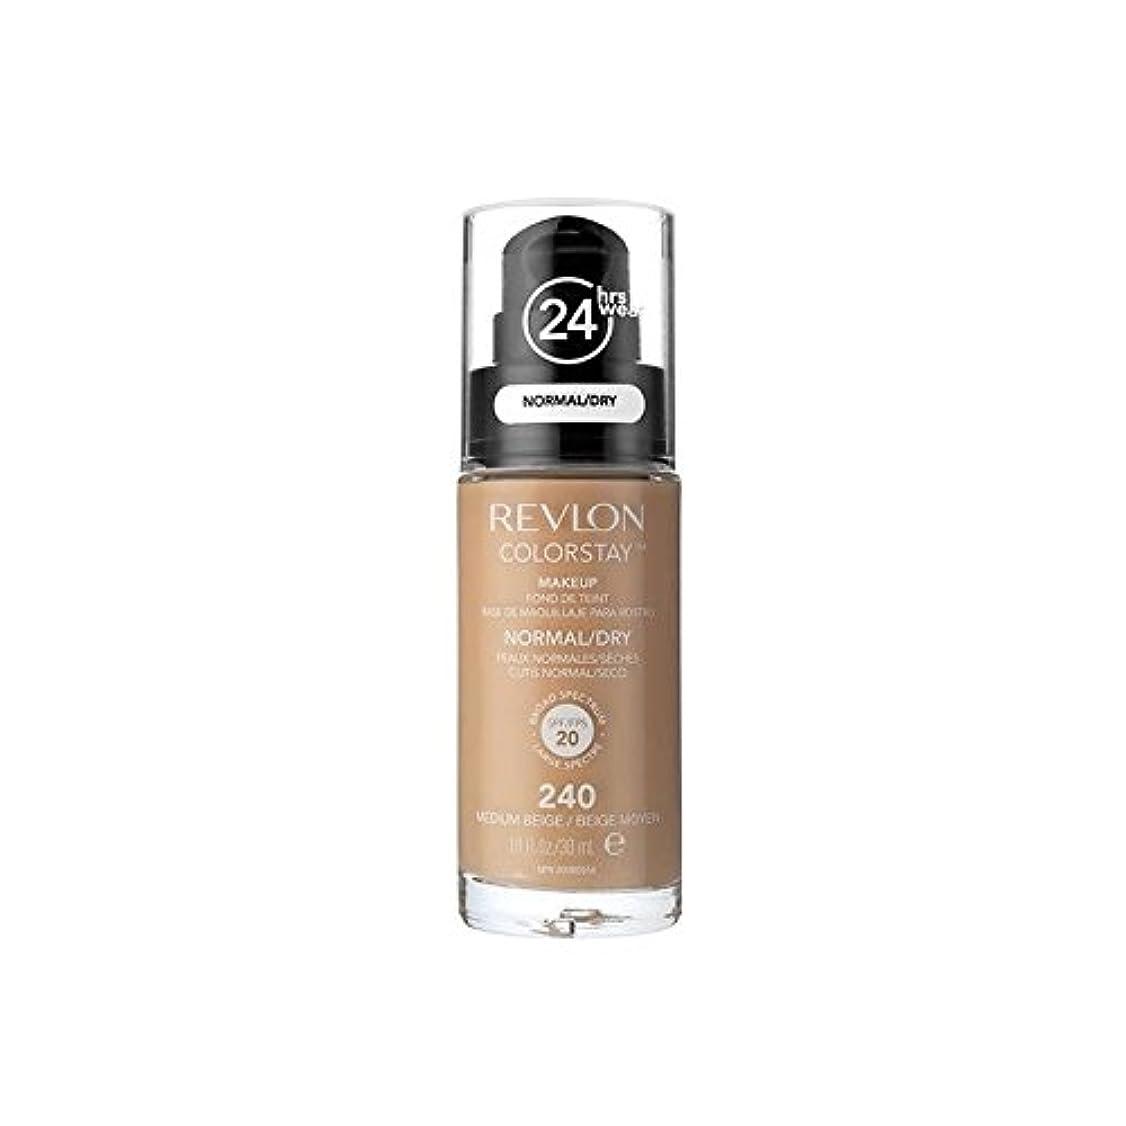 スカープ賞賛する結婚式レブロンの基礎通常の乾燥肌メディアベージュ x2 - Revlon Colorstay Foundation Normal Dry Skin Medium Beige (Pack of 2) [並行輸入品]